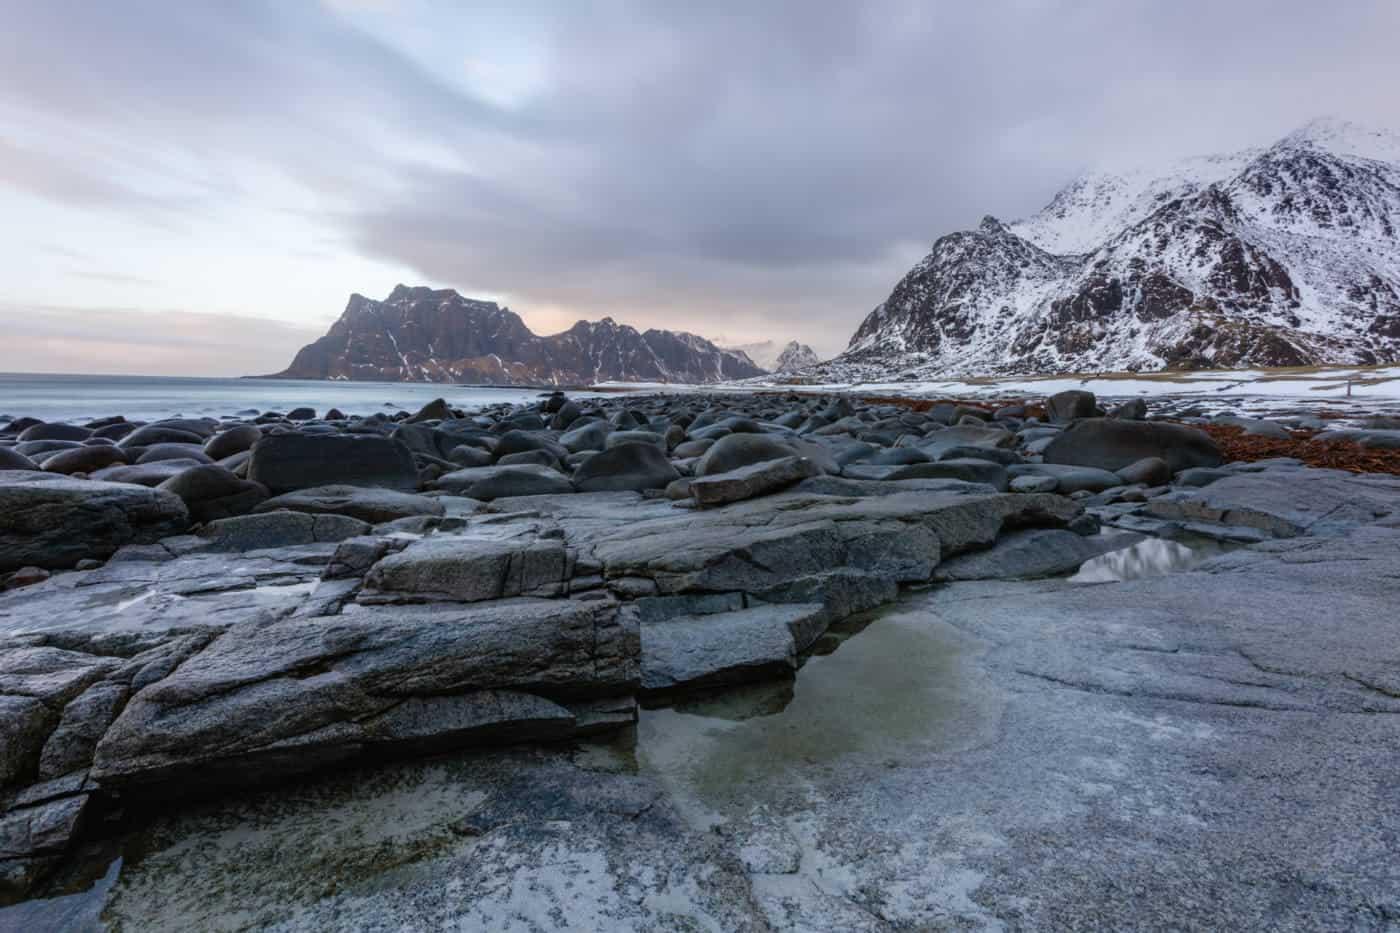 Uttakliev Beach on Lofoten Islands during the daytime